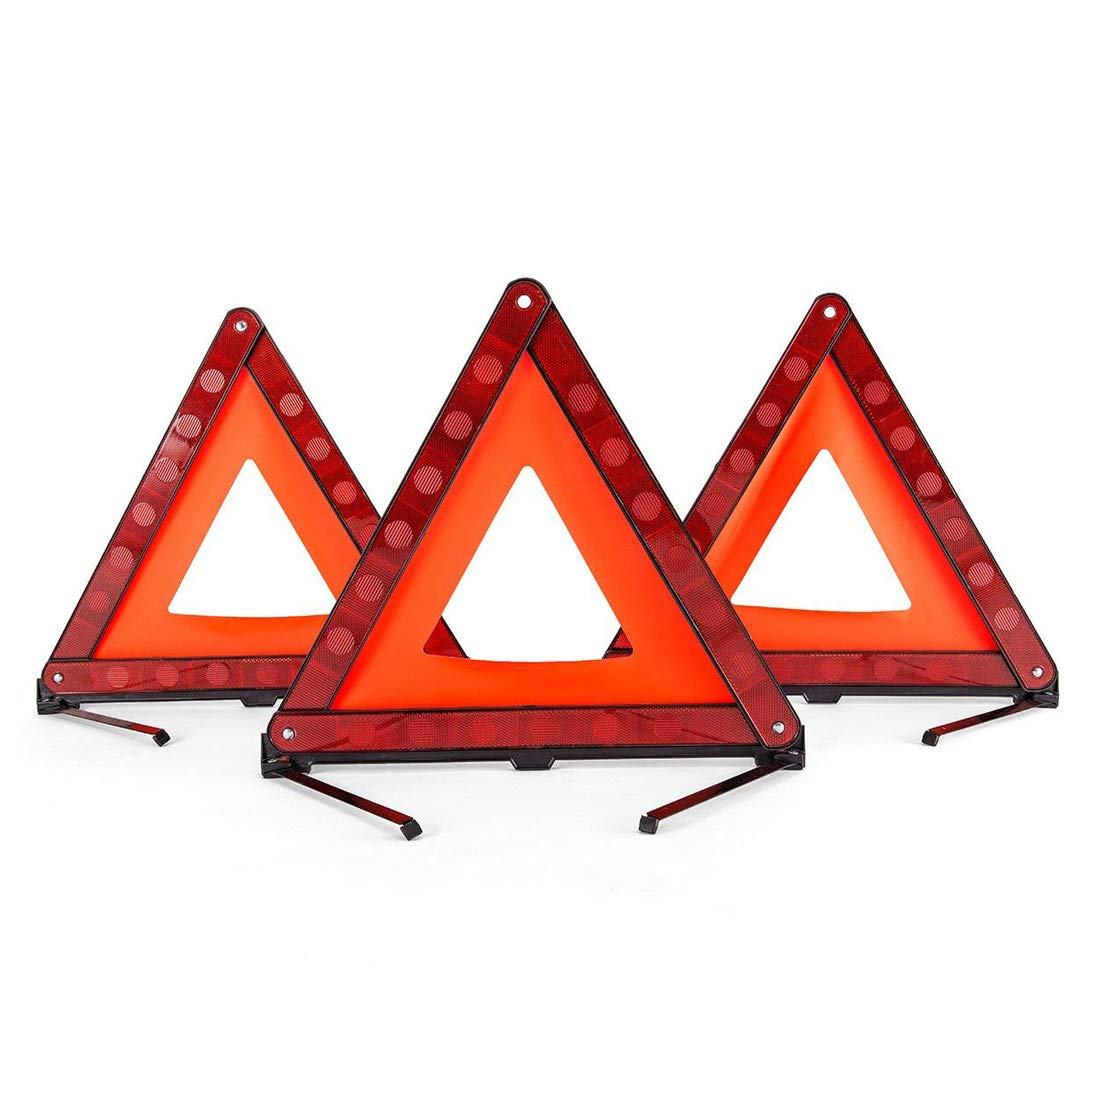 BOEHNER triangolo di sicurezza Sicurezza pieghevole Triangle Triple kit attenzione attenzione triangolo riflettore strada pericolo segno simbolo del triangolo di emergenza Storage Bag (3 pezzi)